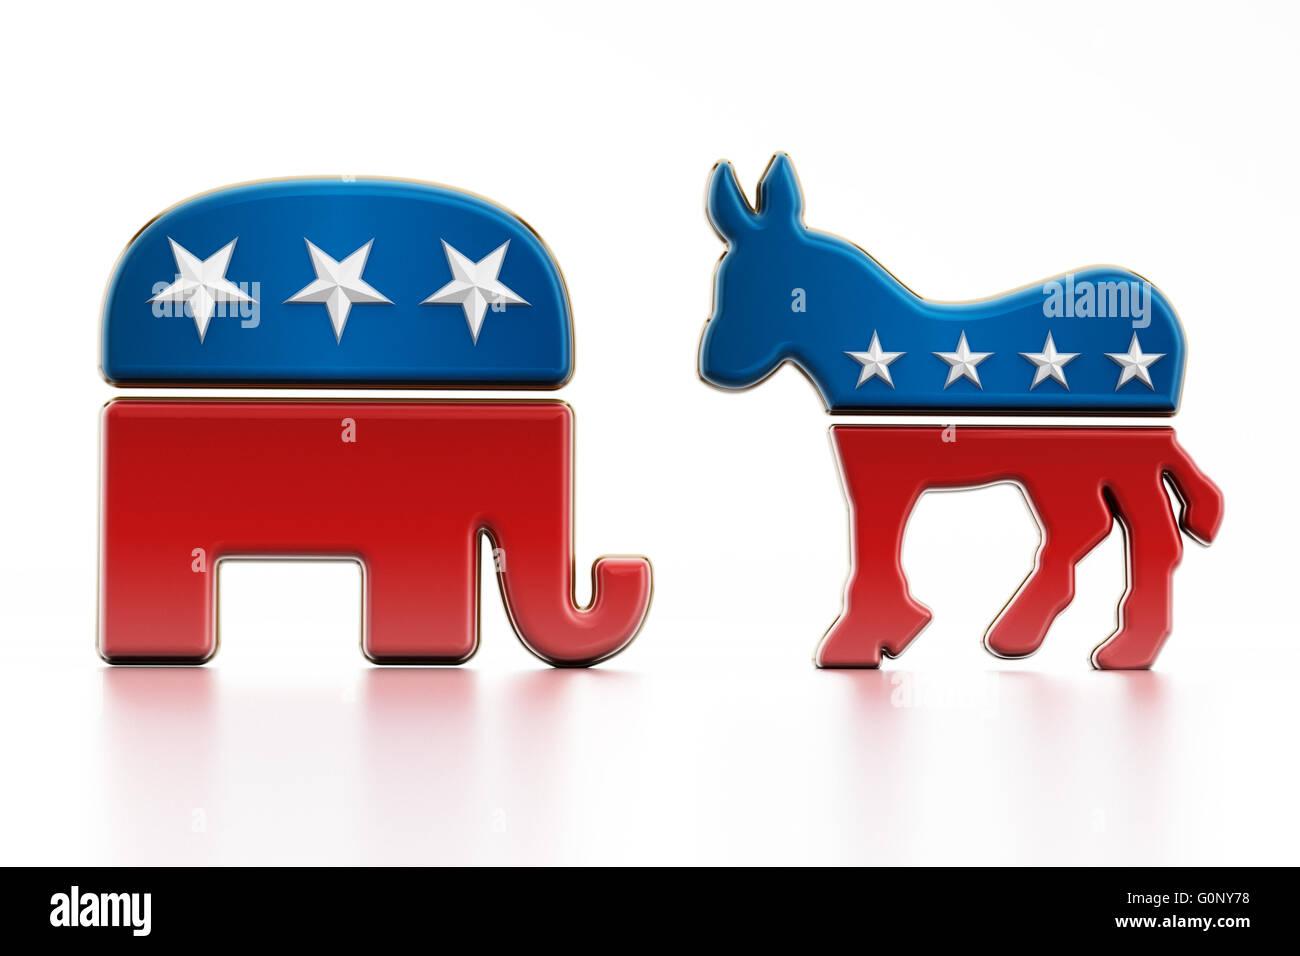 Usa Political Party Symbols Isolated On White Background Elephant